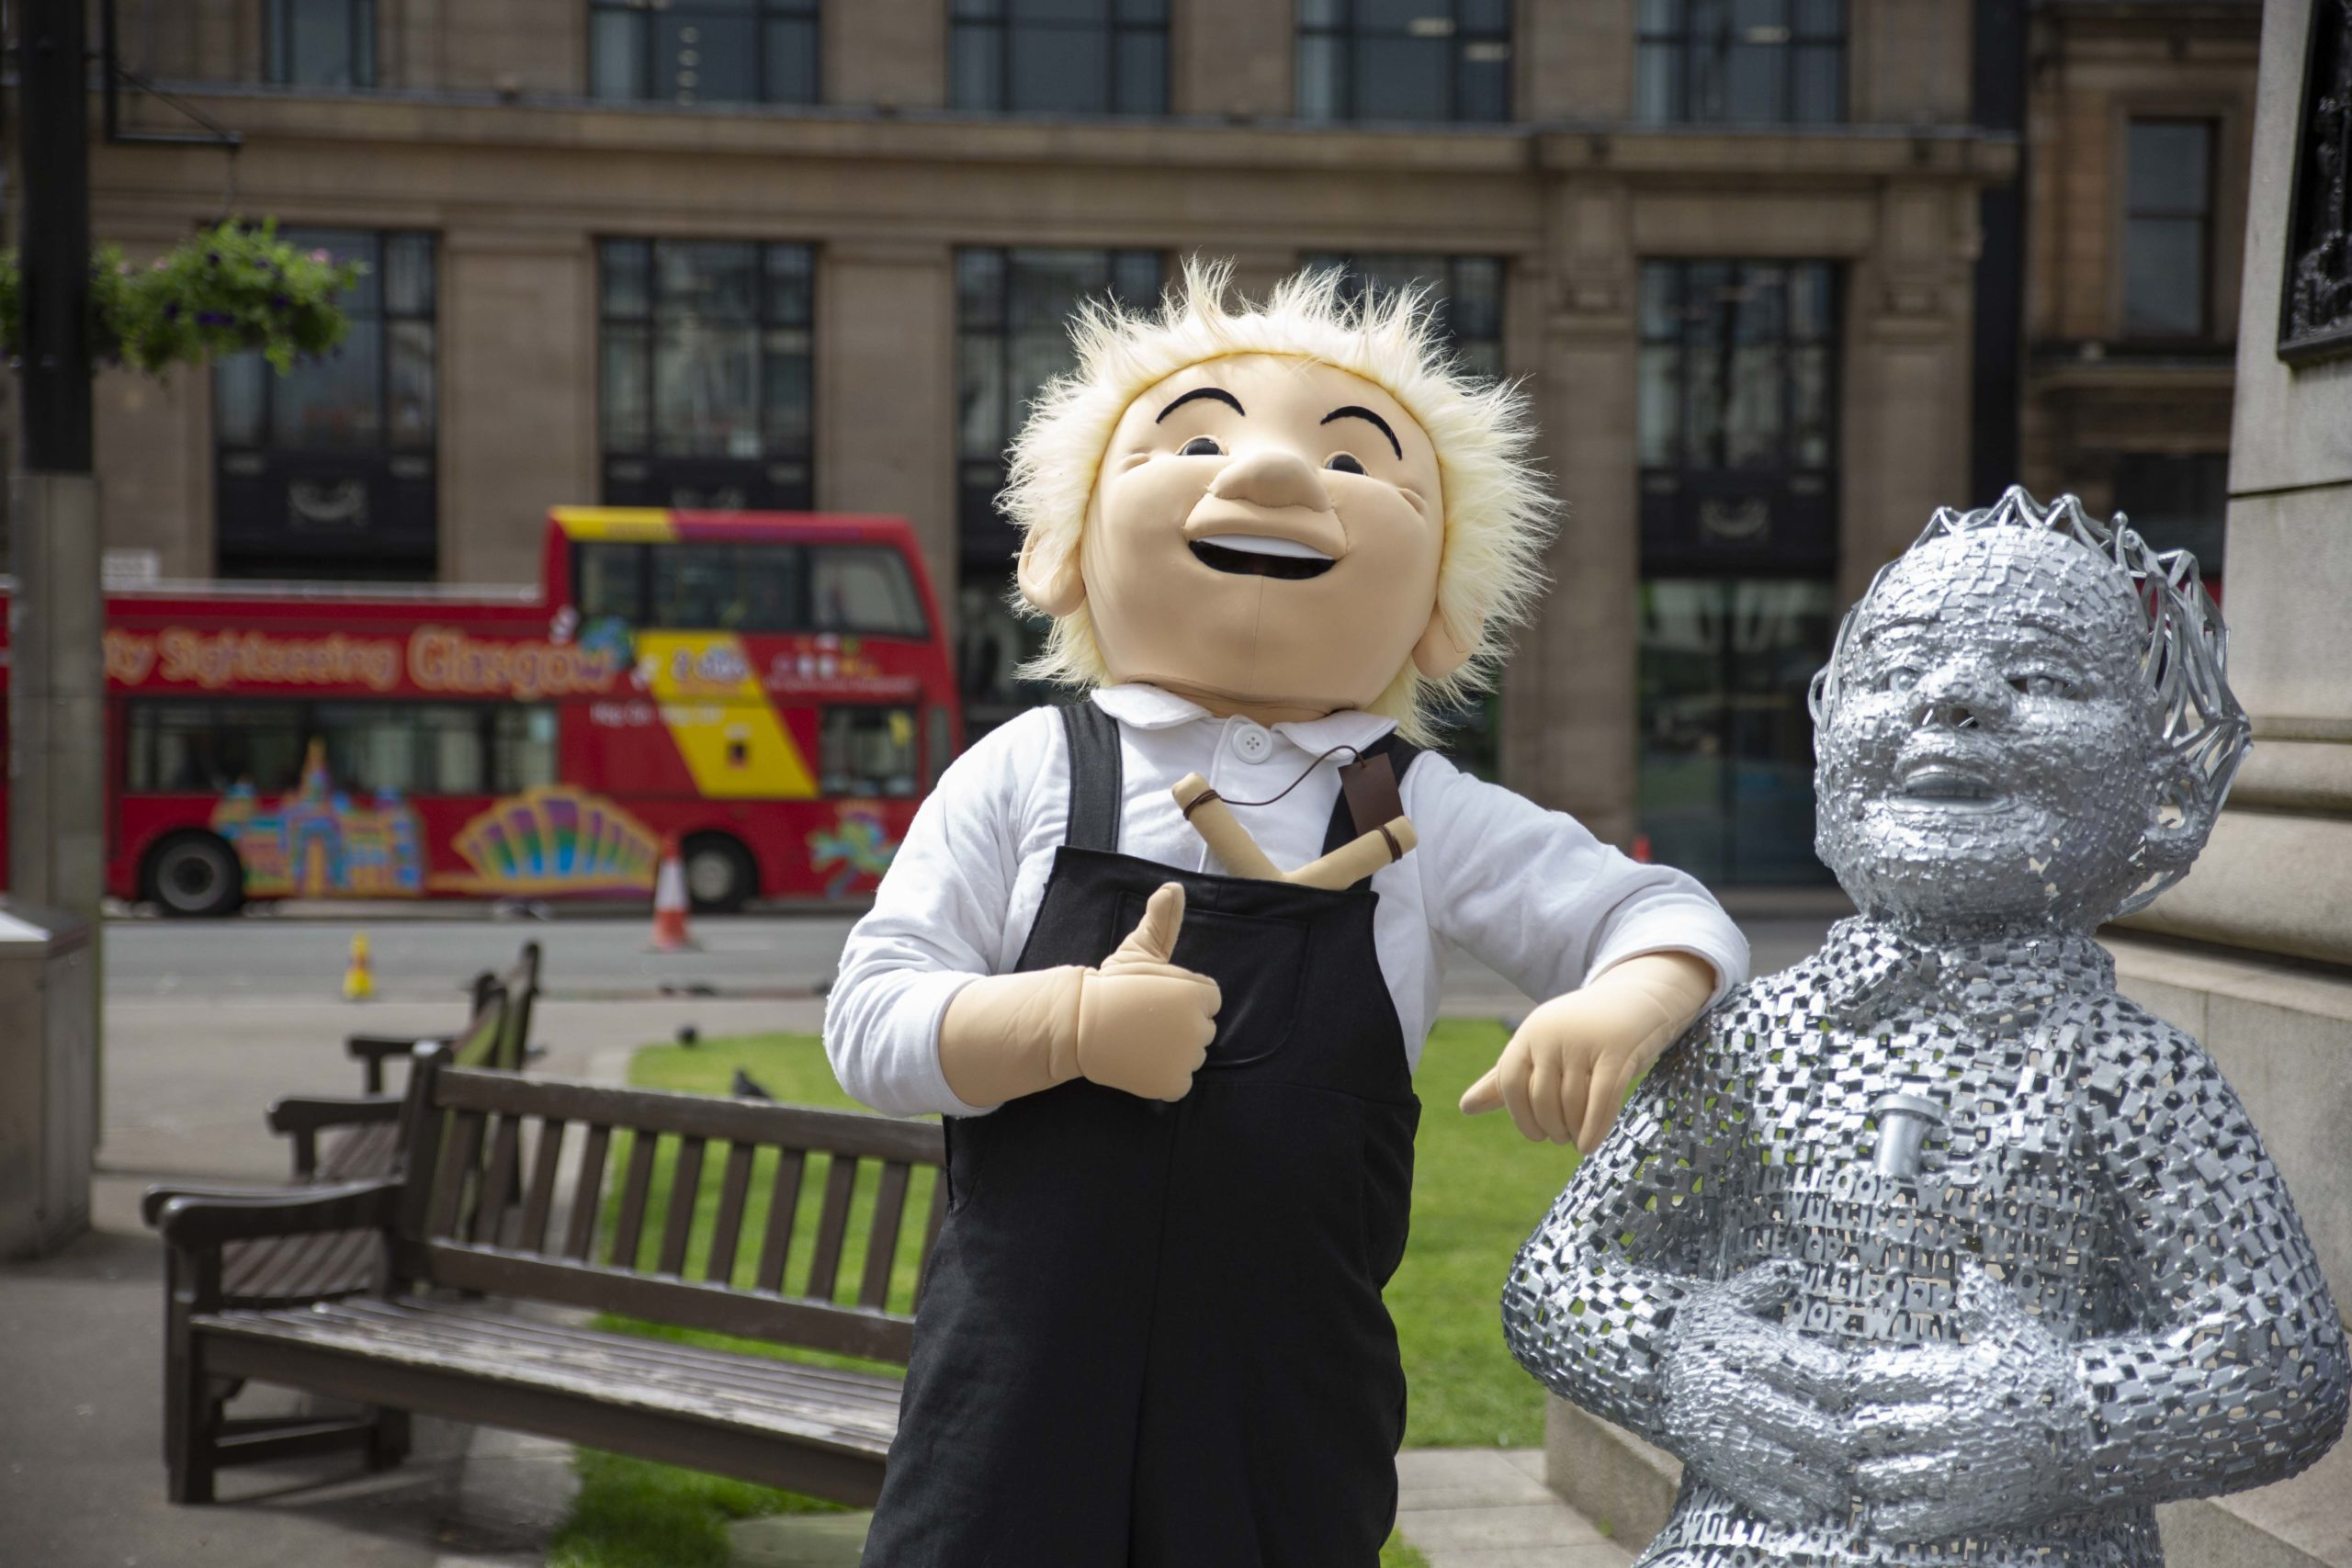 man in oor wullie suit posing next to silver oor wullie statue